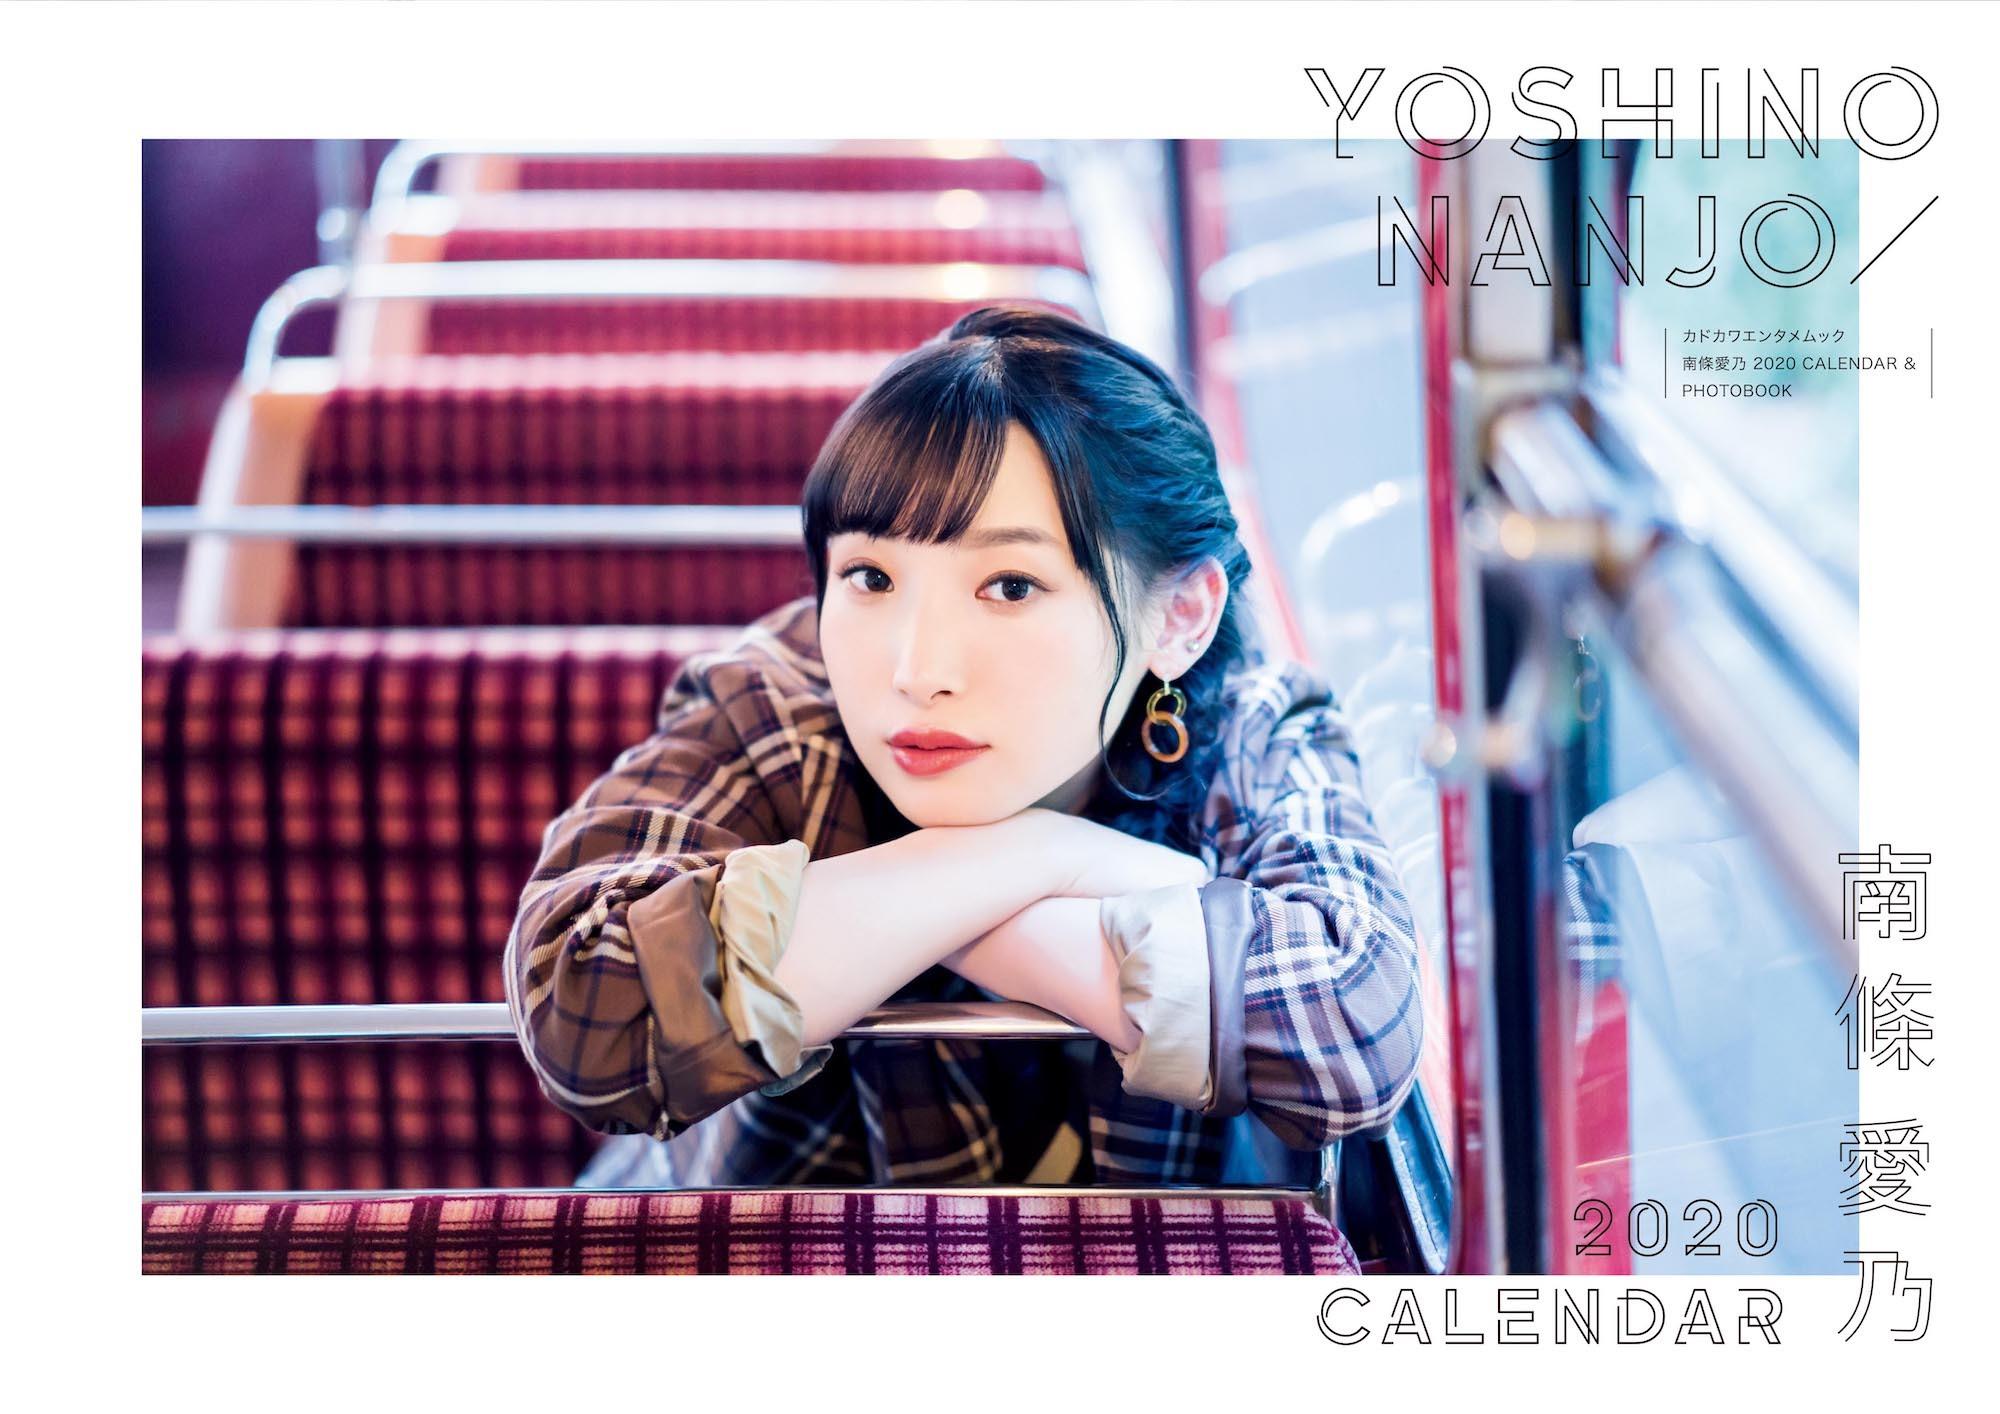 「南條愛乃 2020 CALENDAR & PHOTOBOOK」カレンダーブックの表紙 Photo by 加藤アラタ